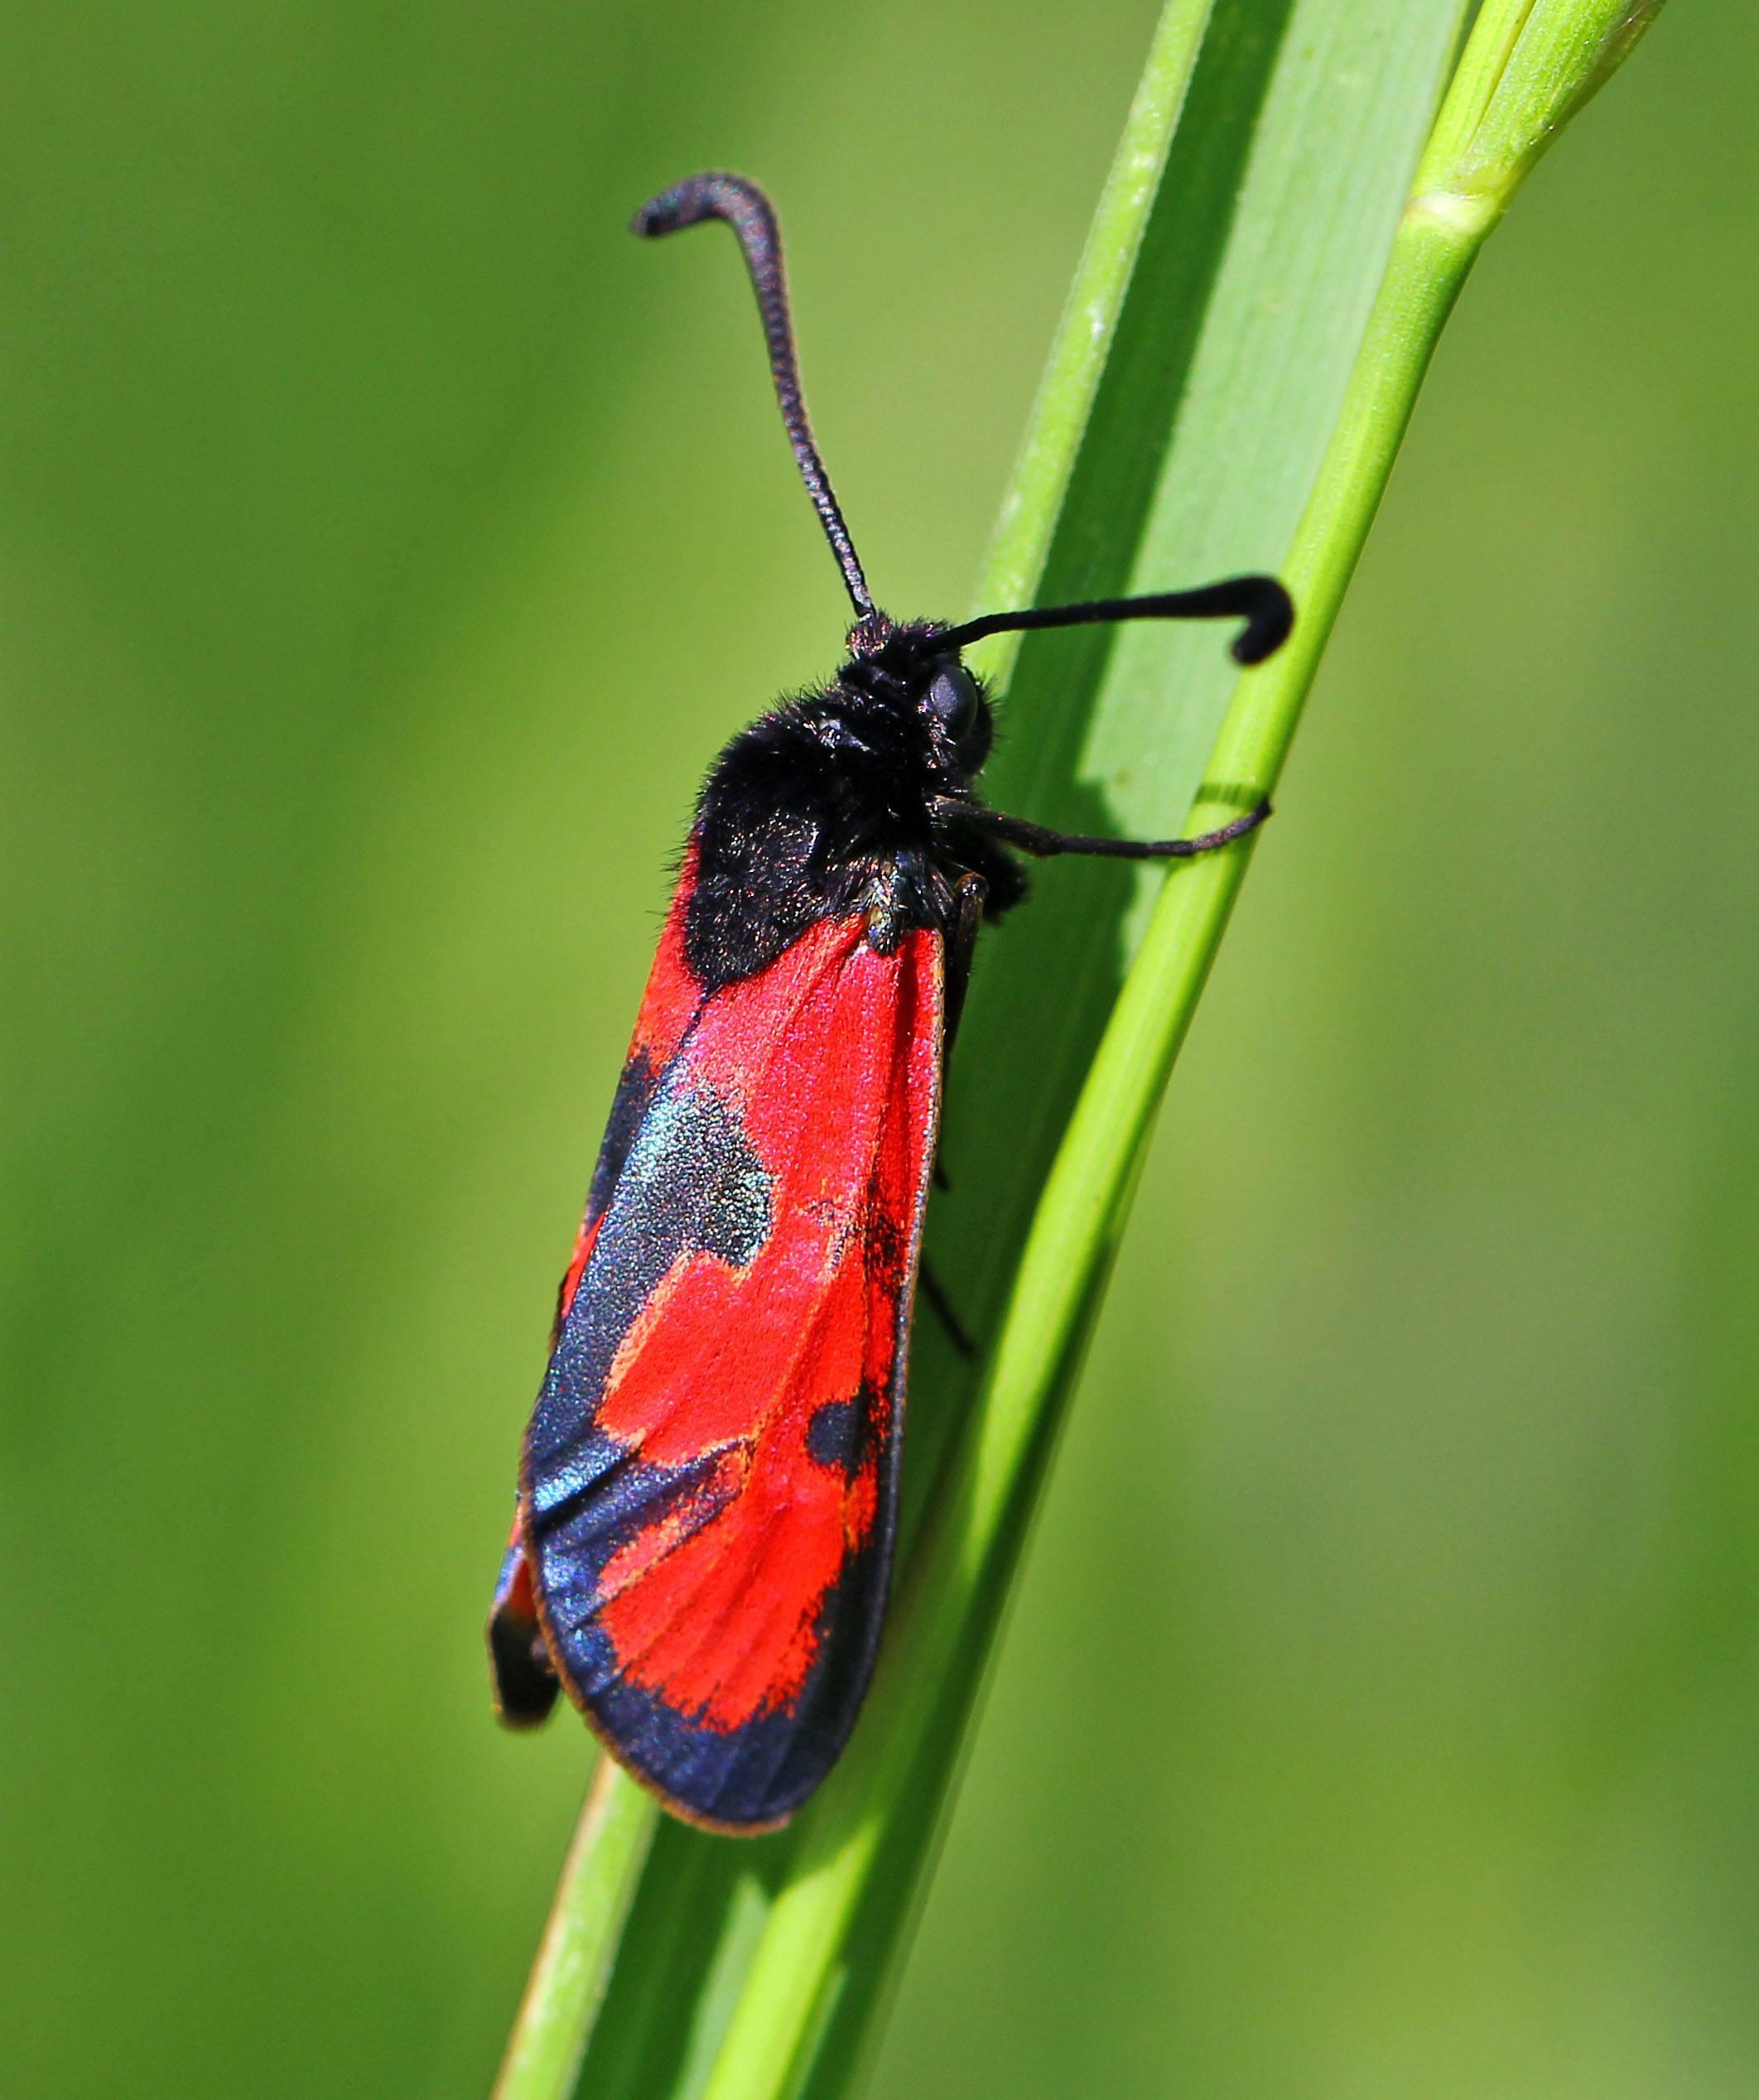 Американская белая бабочка: карантинный вредитель - способы борьбы